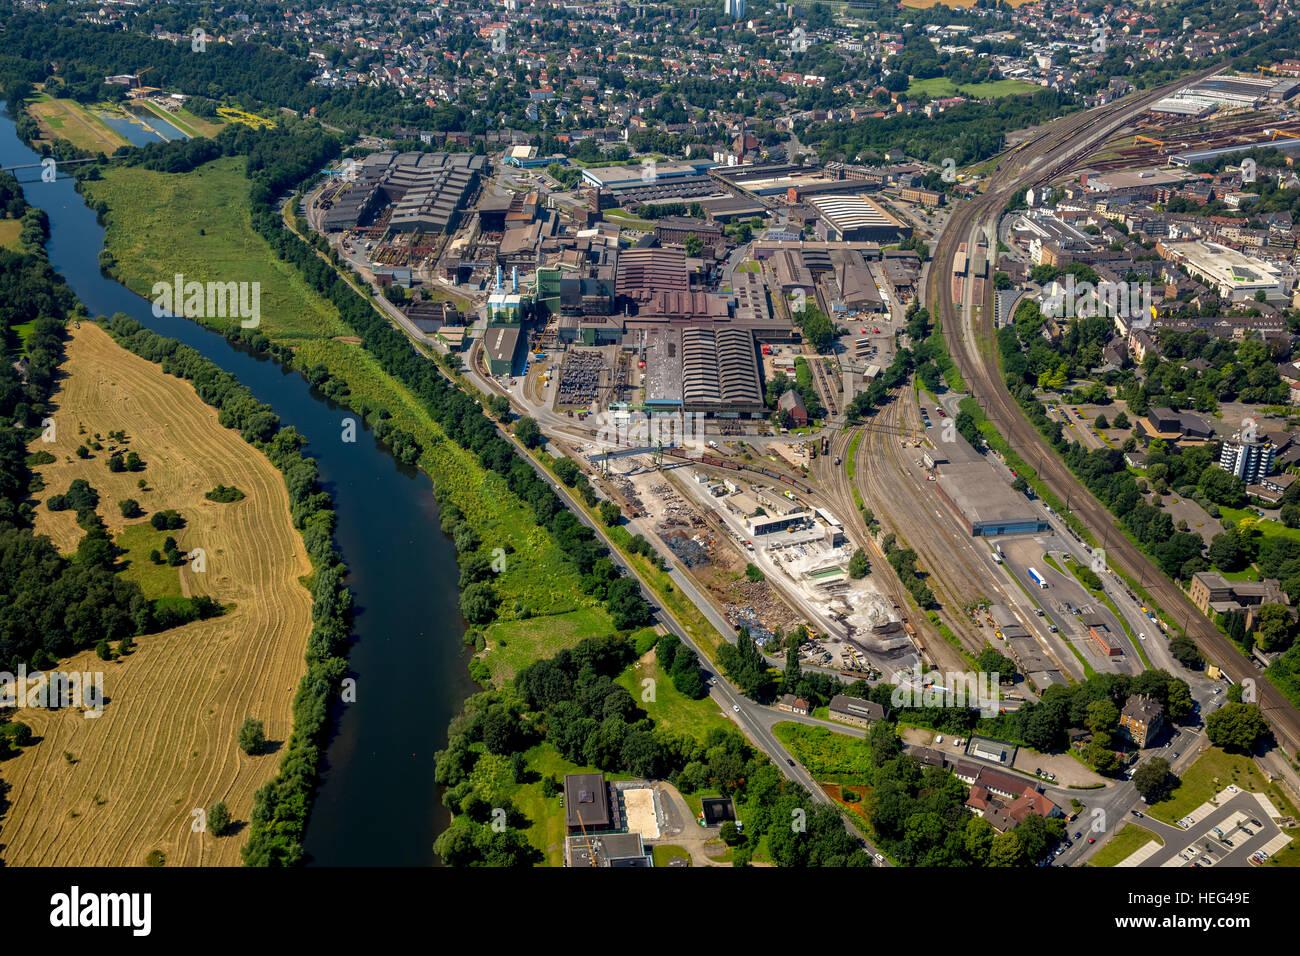 Aerial view, industrial district, German Edelstahlwerke GmbH, steelworks, Ruhr Valley, Witten, North Rhine-Westphalia, - Stock Image